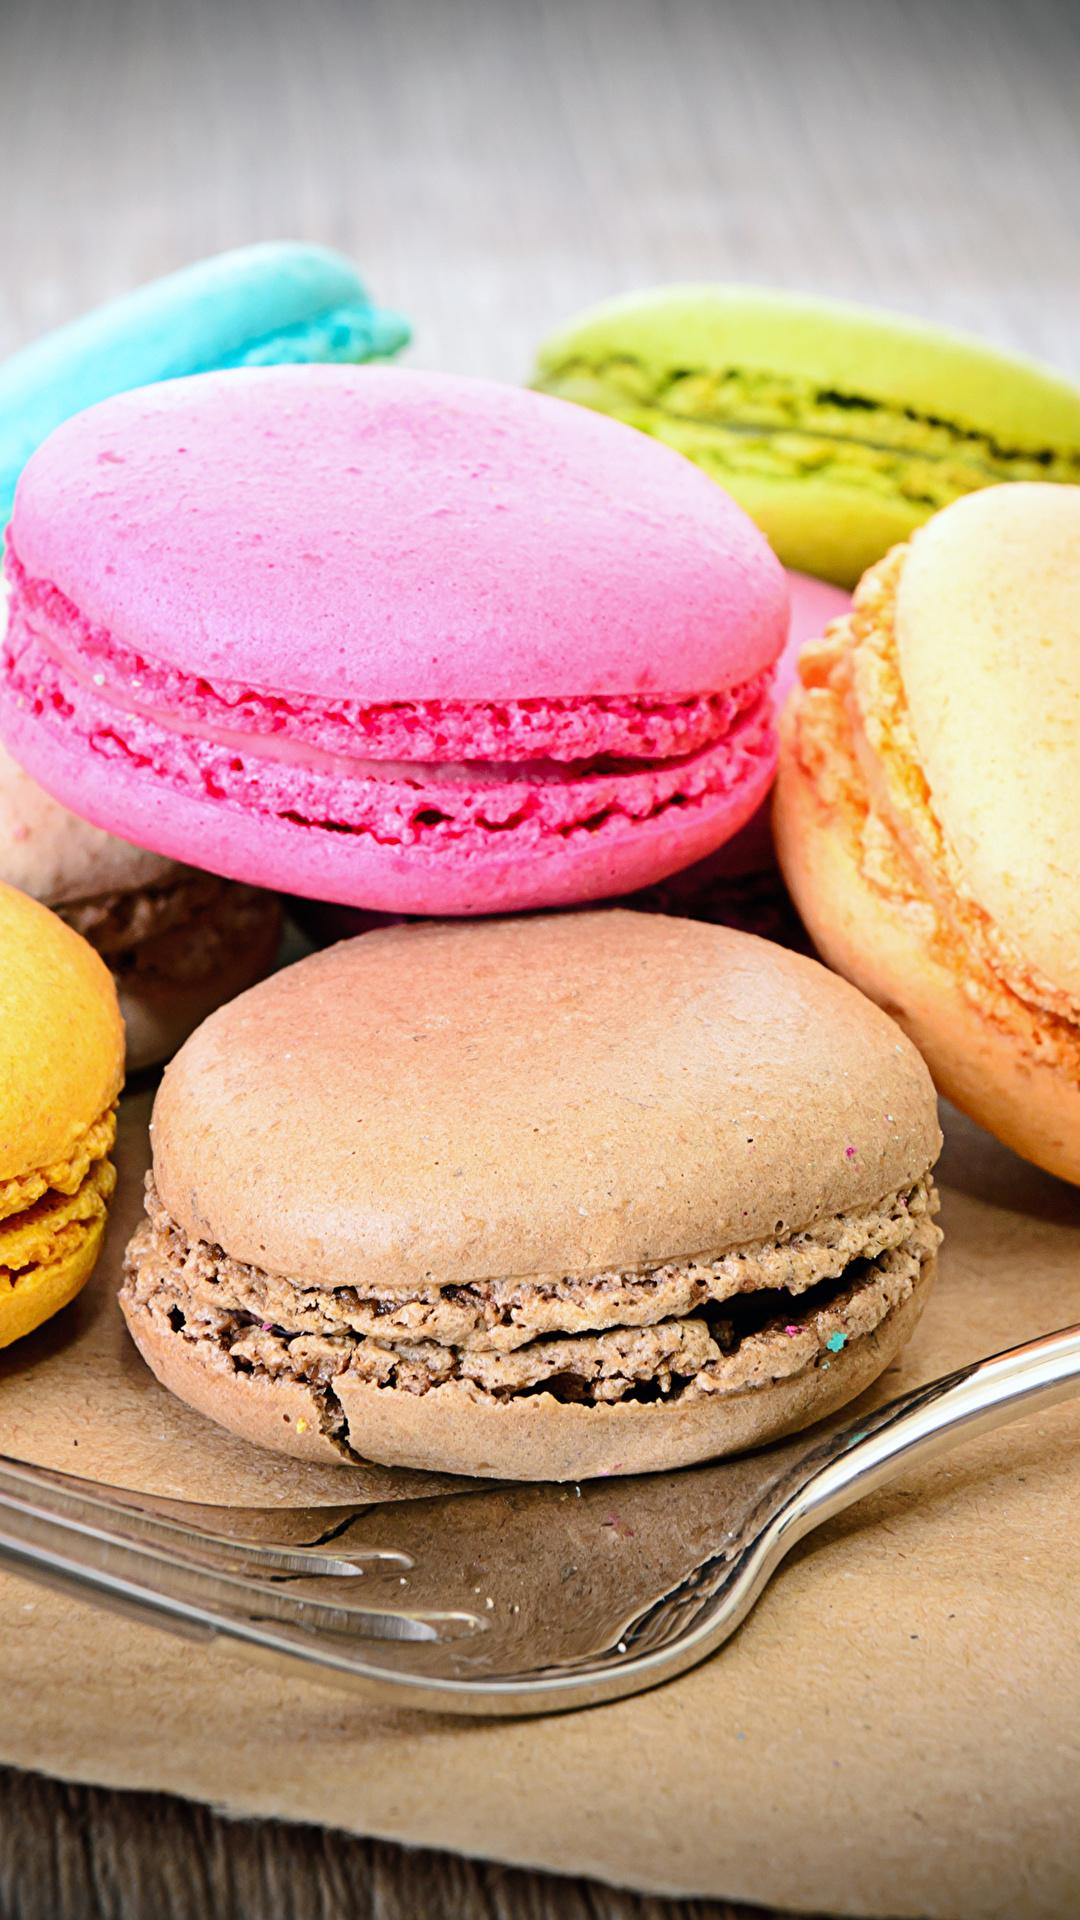 Картинки Макарон Еда вилки Печенье Сладости 1080x1920 Пища Вилка столовая Продукты питания сладкая еда